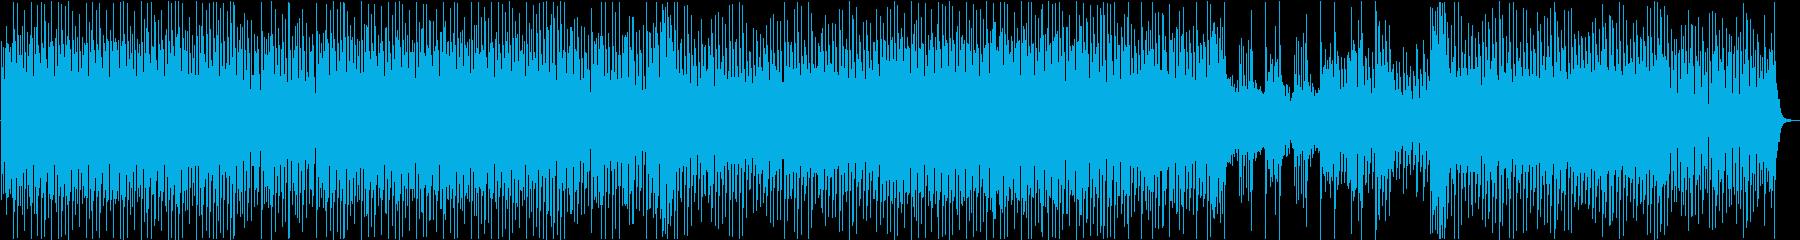 和風の三味線EDMの再生済みの波形